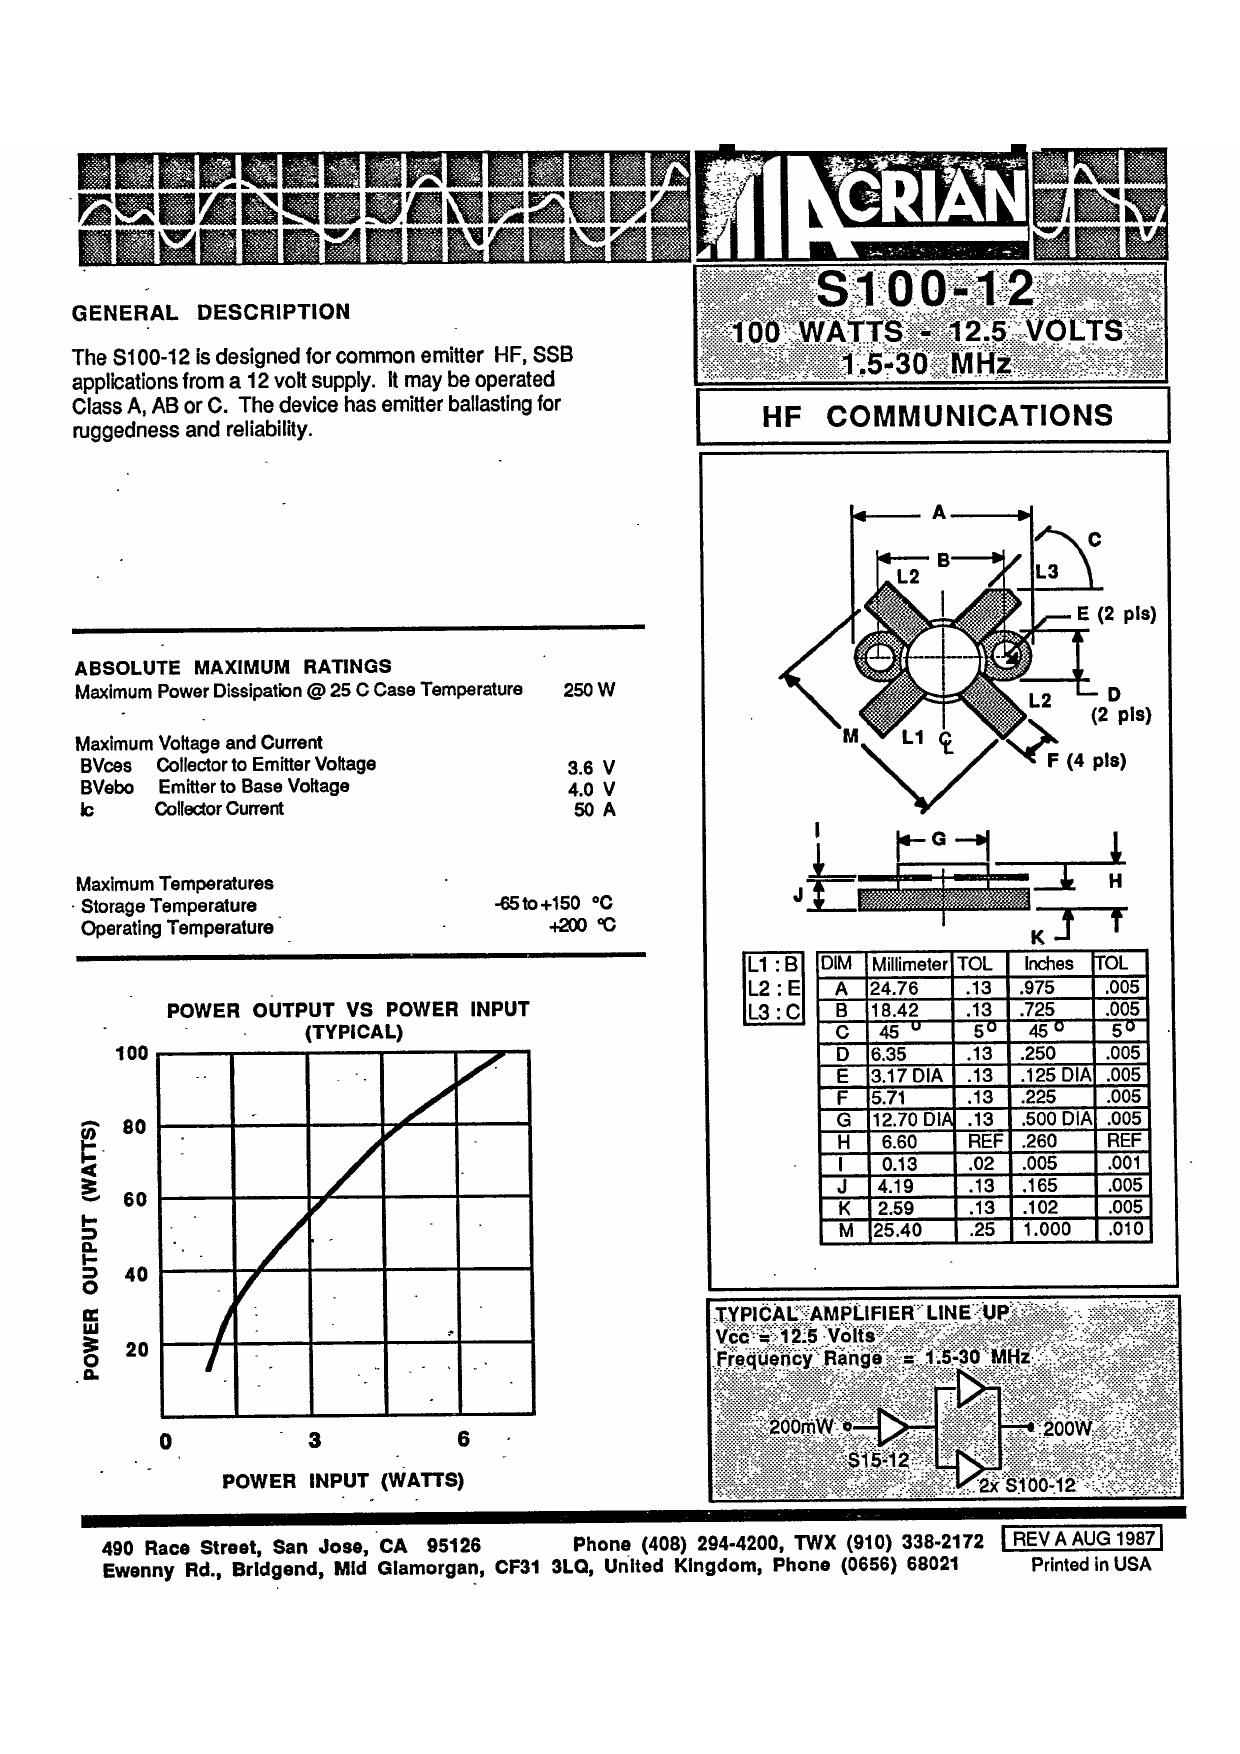 S-100-12 datasheet